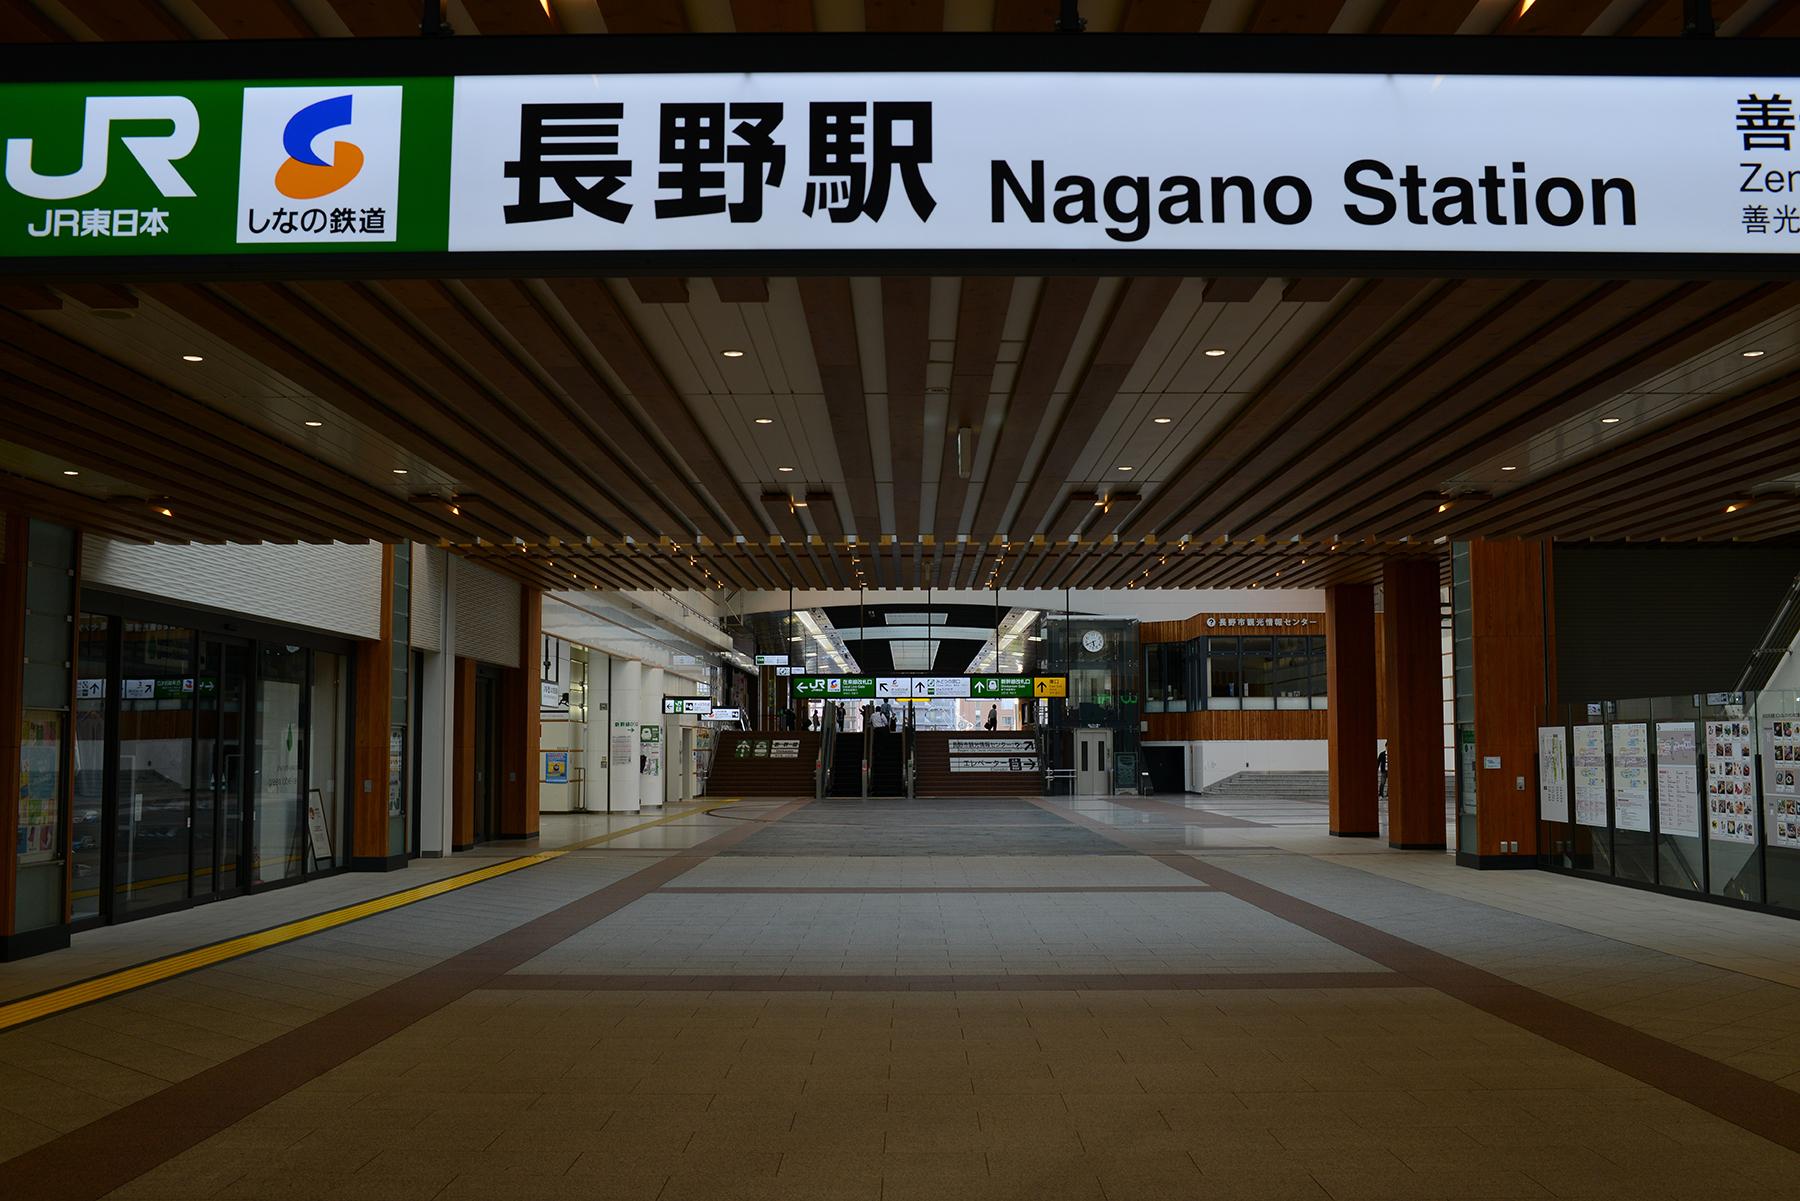 2018年5月16日(水曜日)・長野駅